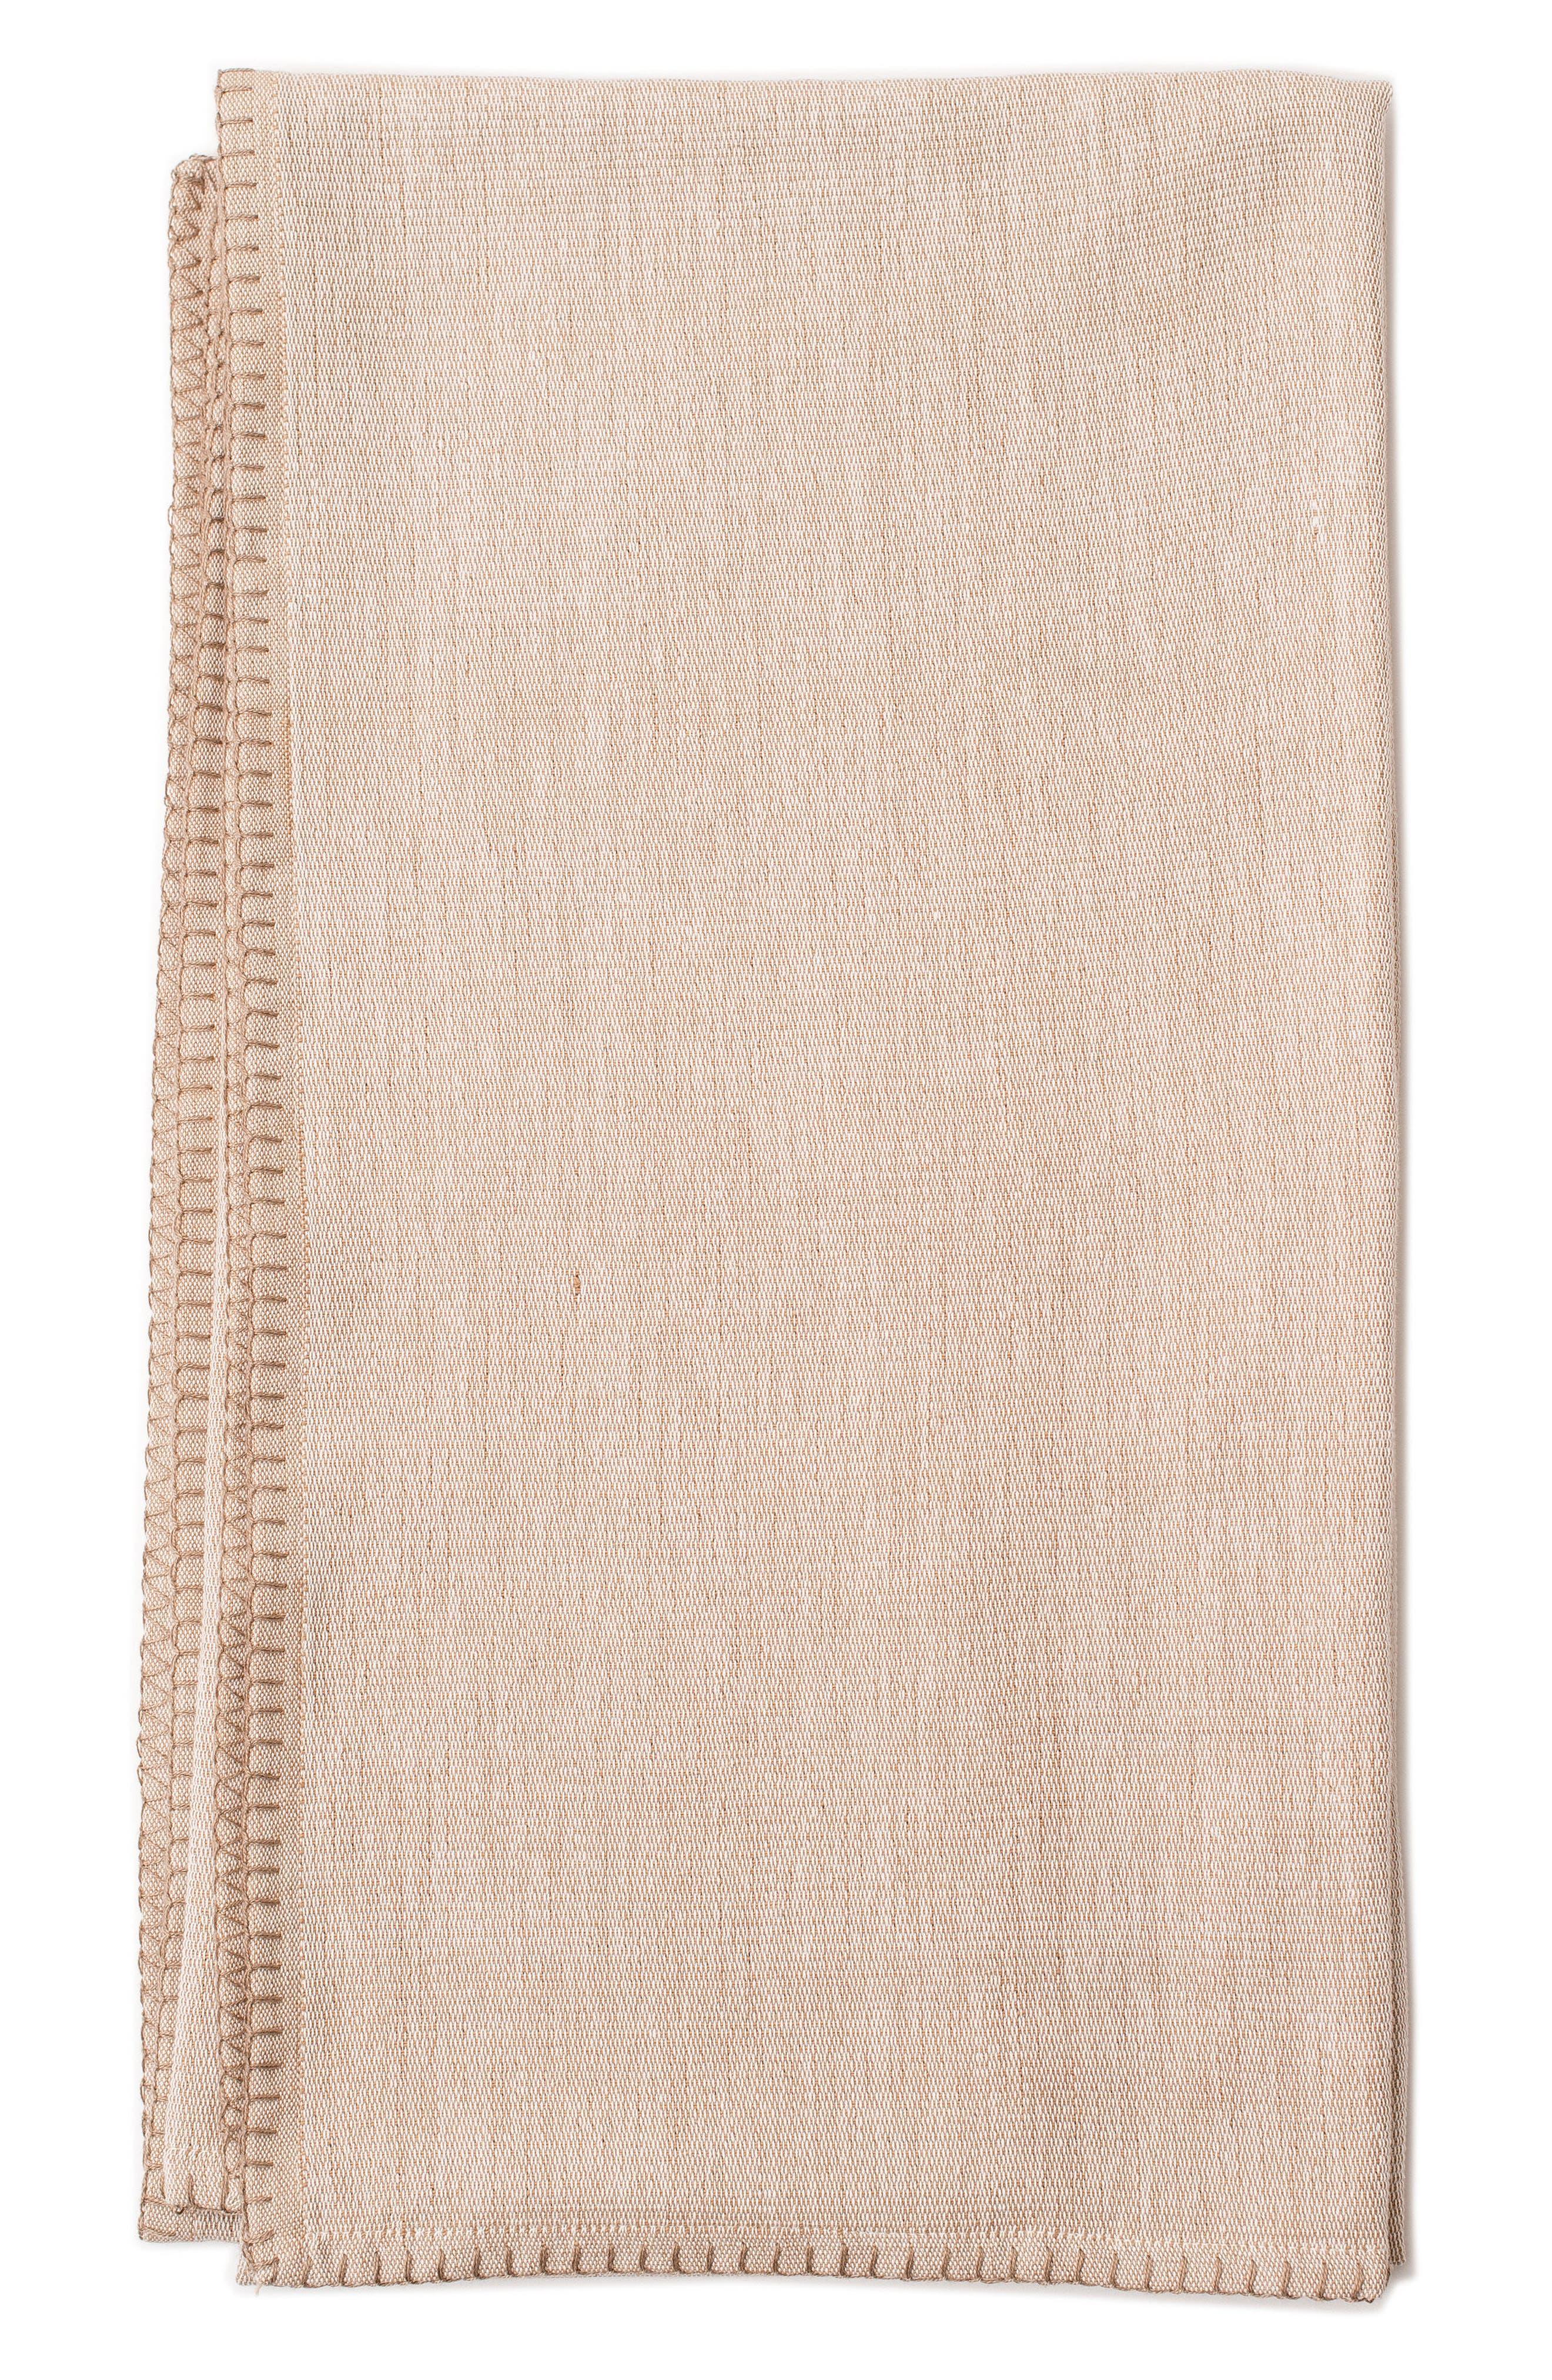 Alternate Image 1 Selected - zestt Winston Throw Blanket